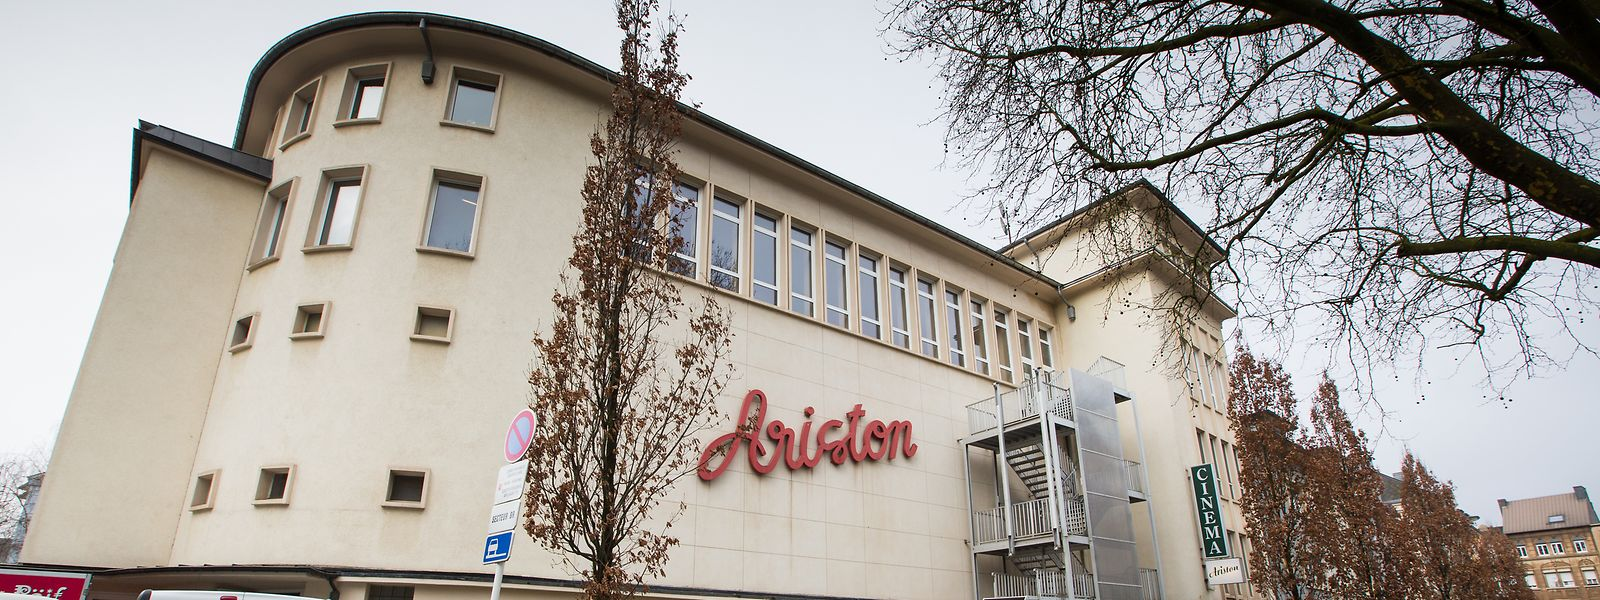 Die Renovierung des Ariston soll dieses Jahr beginnen.